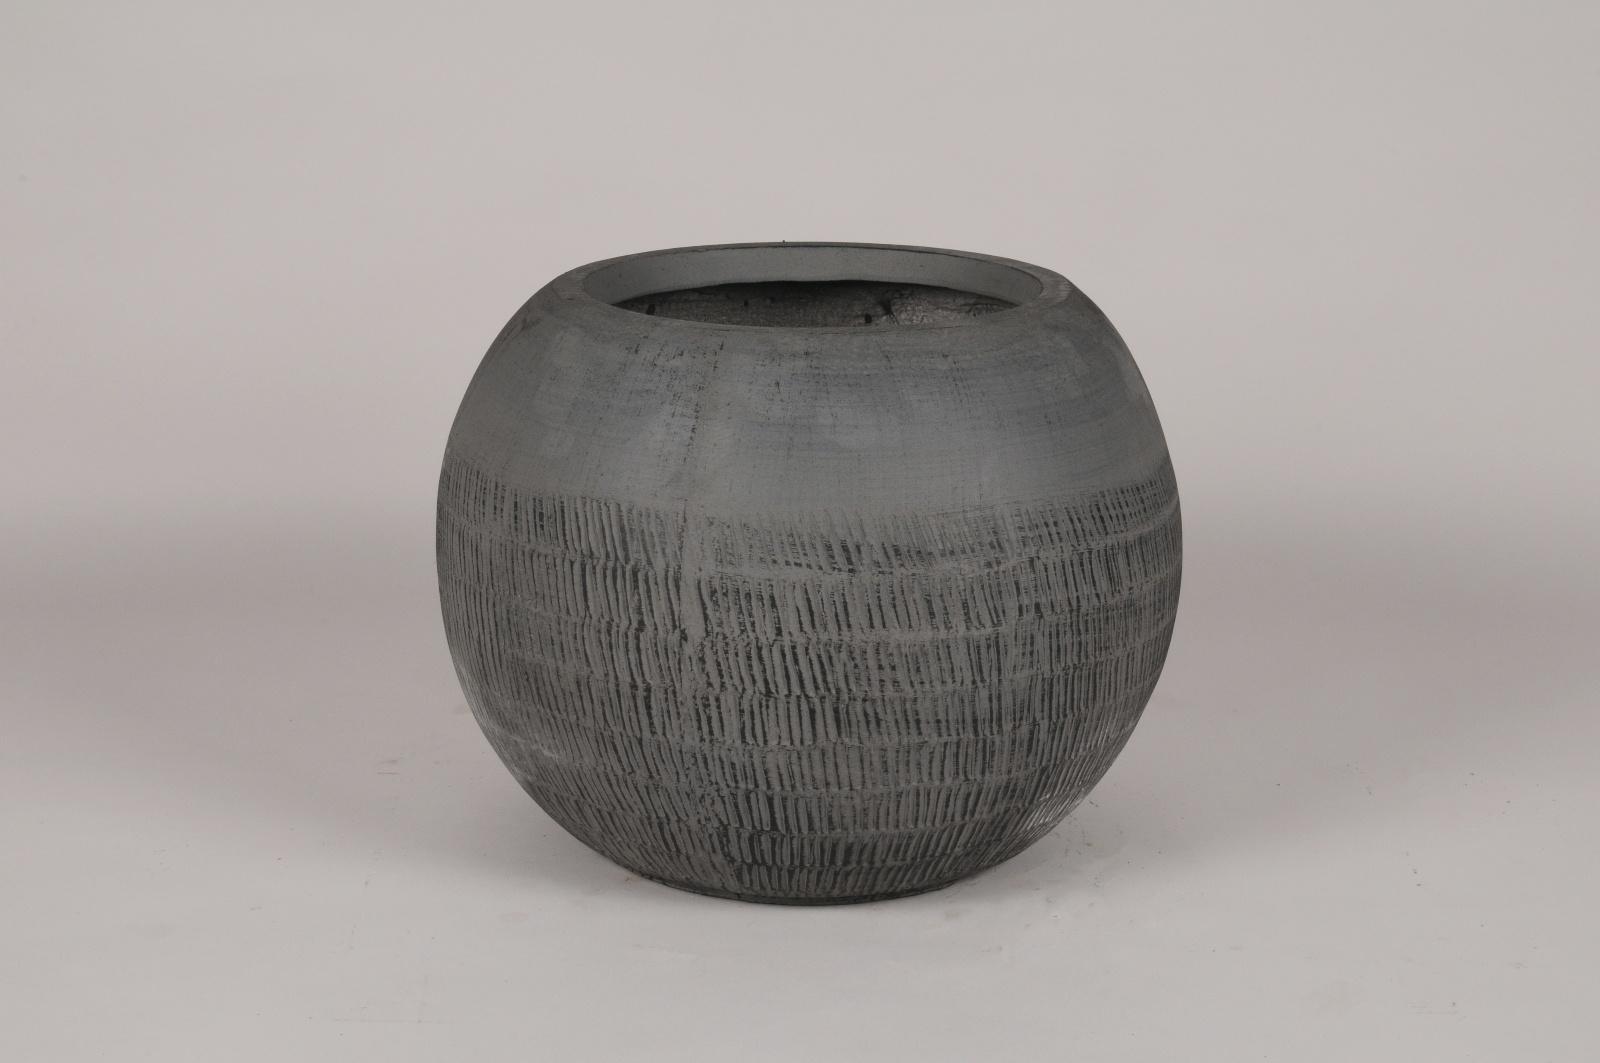 C566DQ Pot boule en béton gris anthracite D36cm H28cm